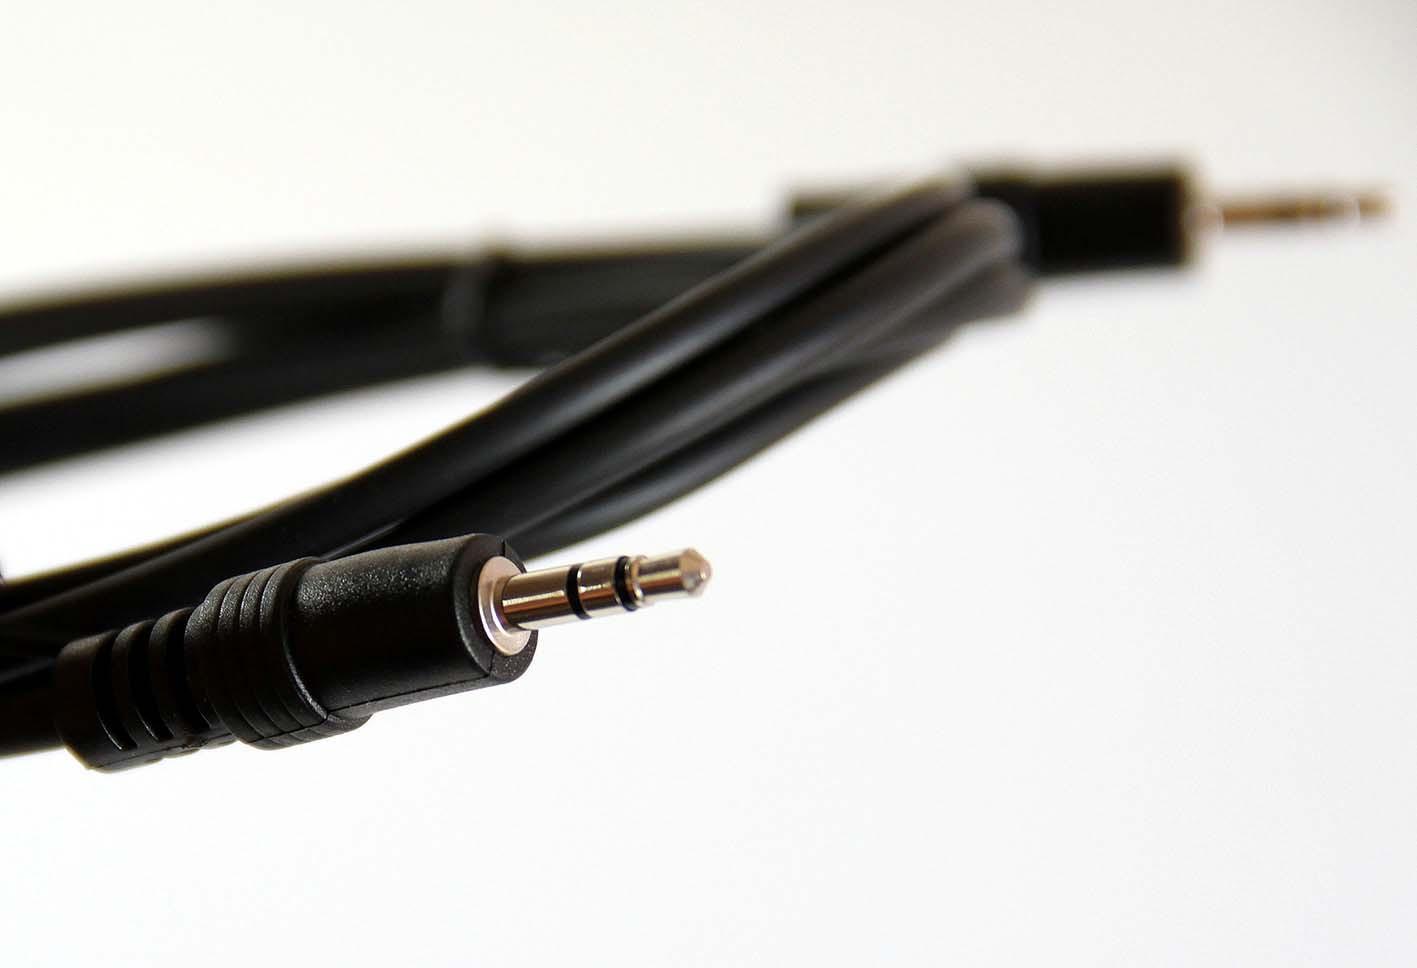 Кабель Pro Legend Jack 3,5 мм вилка - Jack 3,5 вилка, PL1053, черный, 3 м perfeo кабель jack 3 5 мм вилка jack 3 5 мм вилка длина 2 м j2103